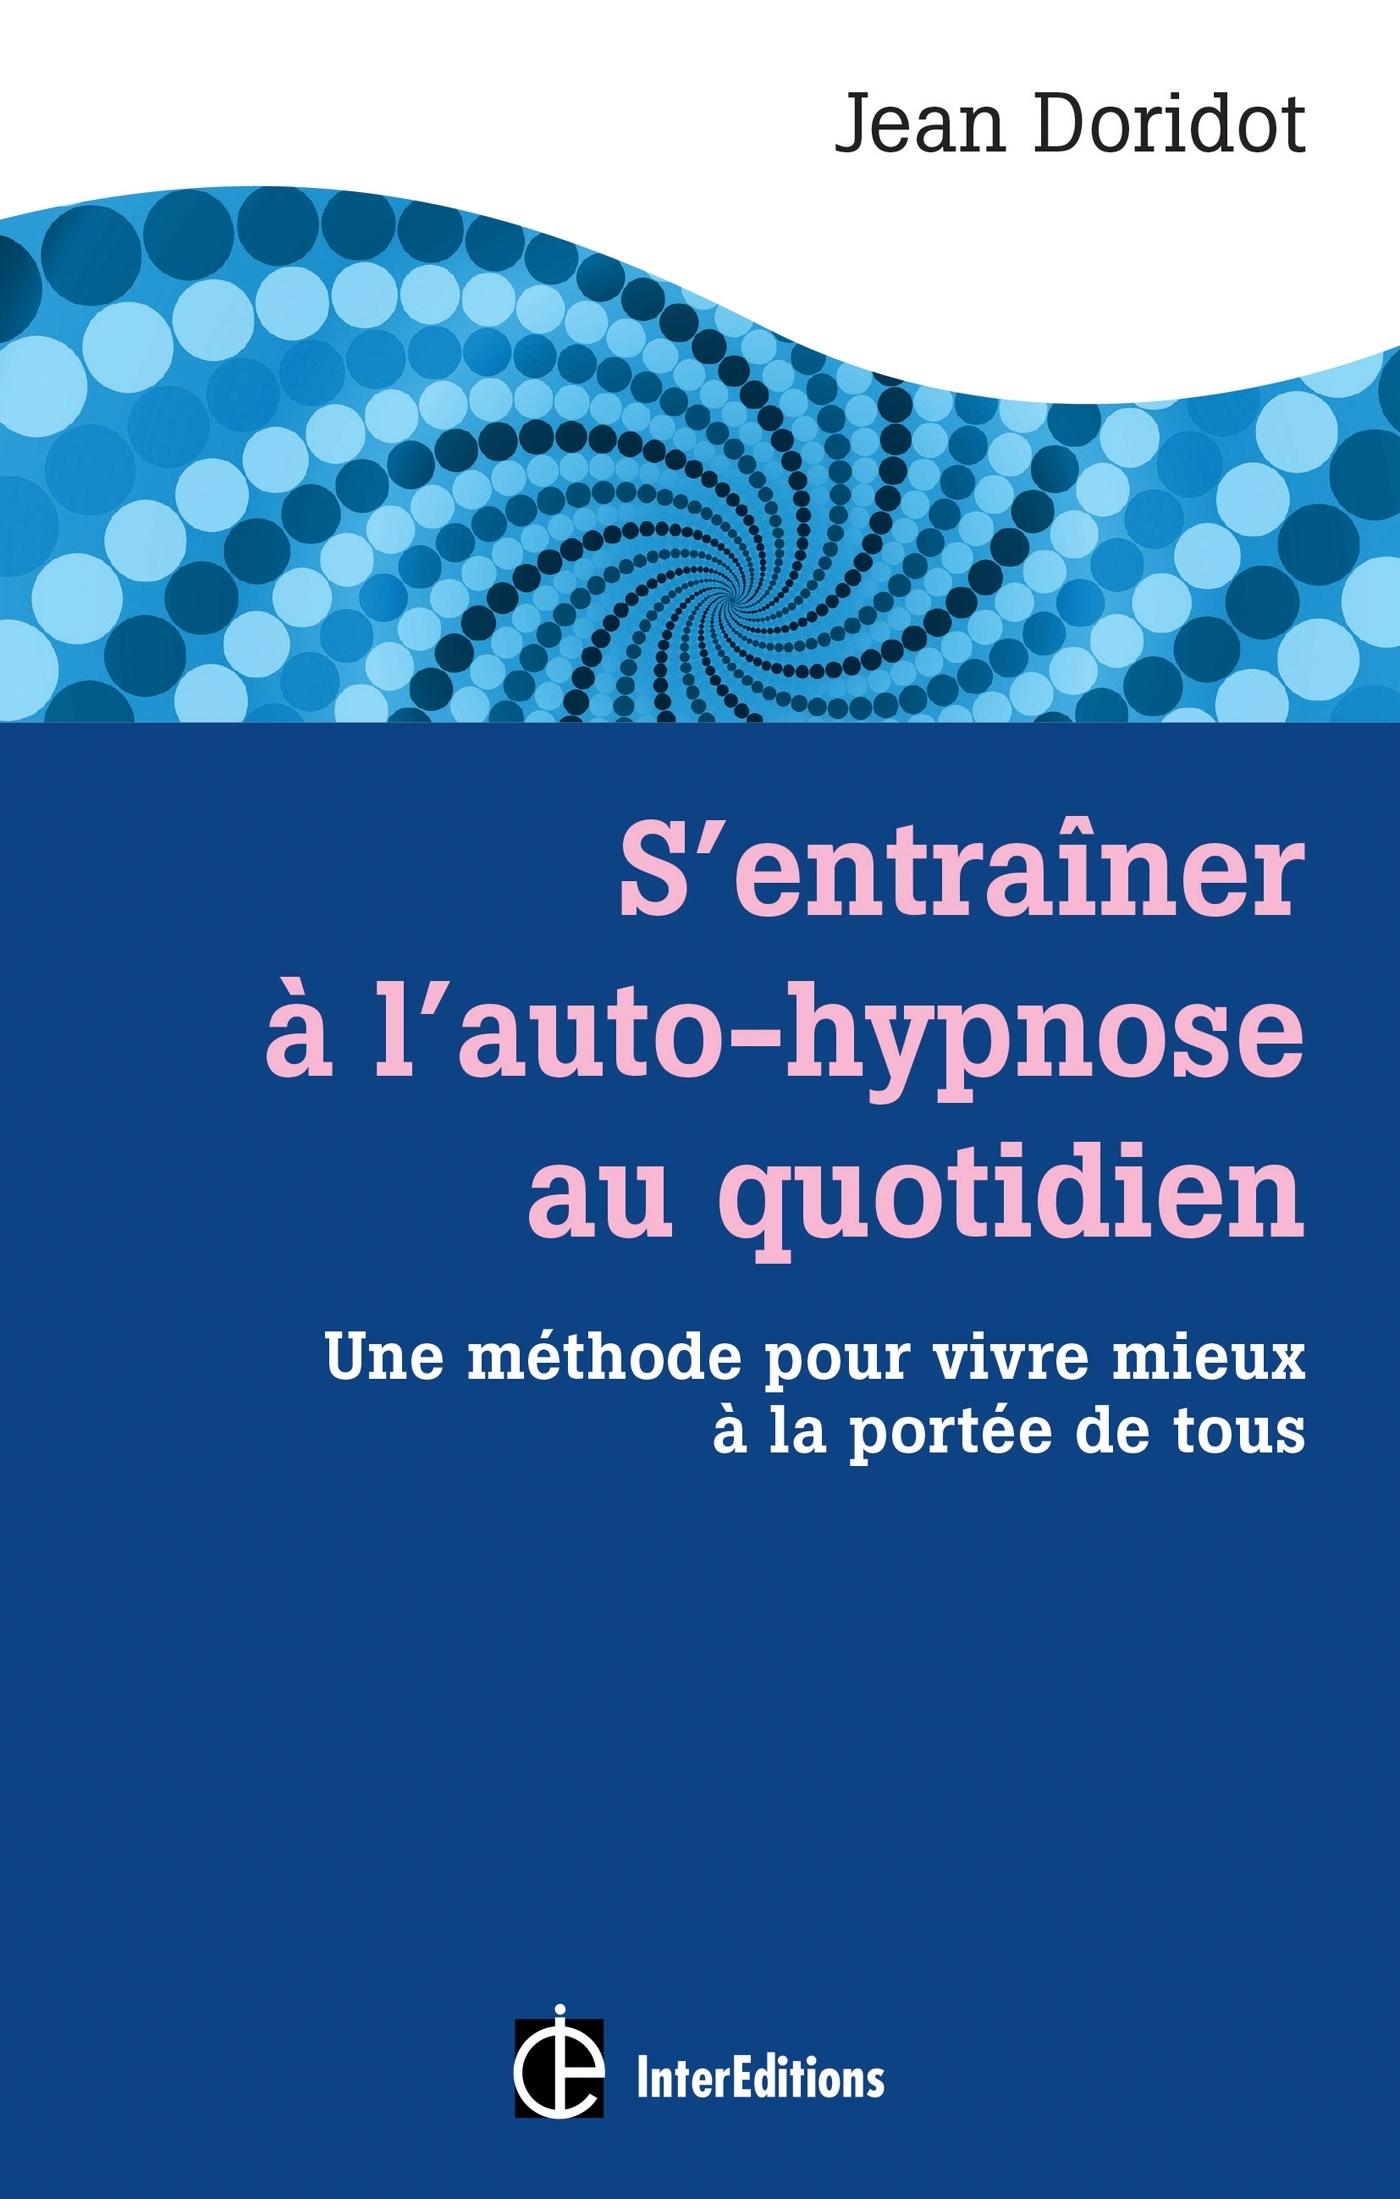 S'ENTRAINER A L'AUTO-HYPNOSE AU QUOTIDIEN